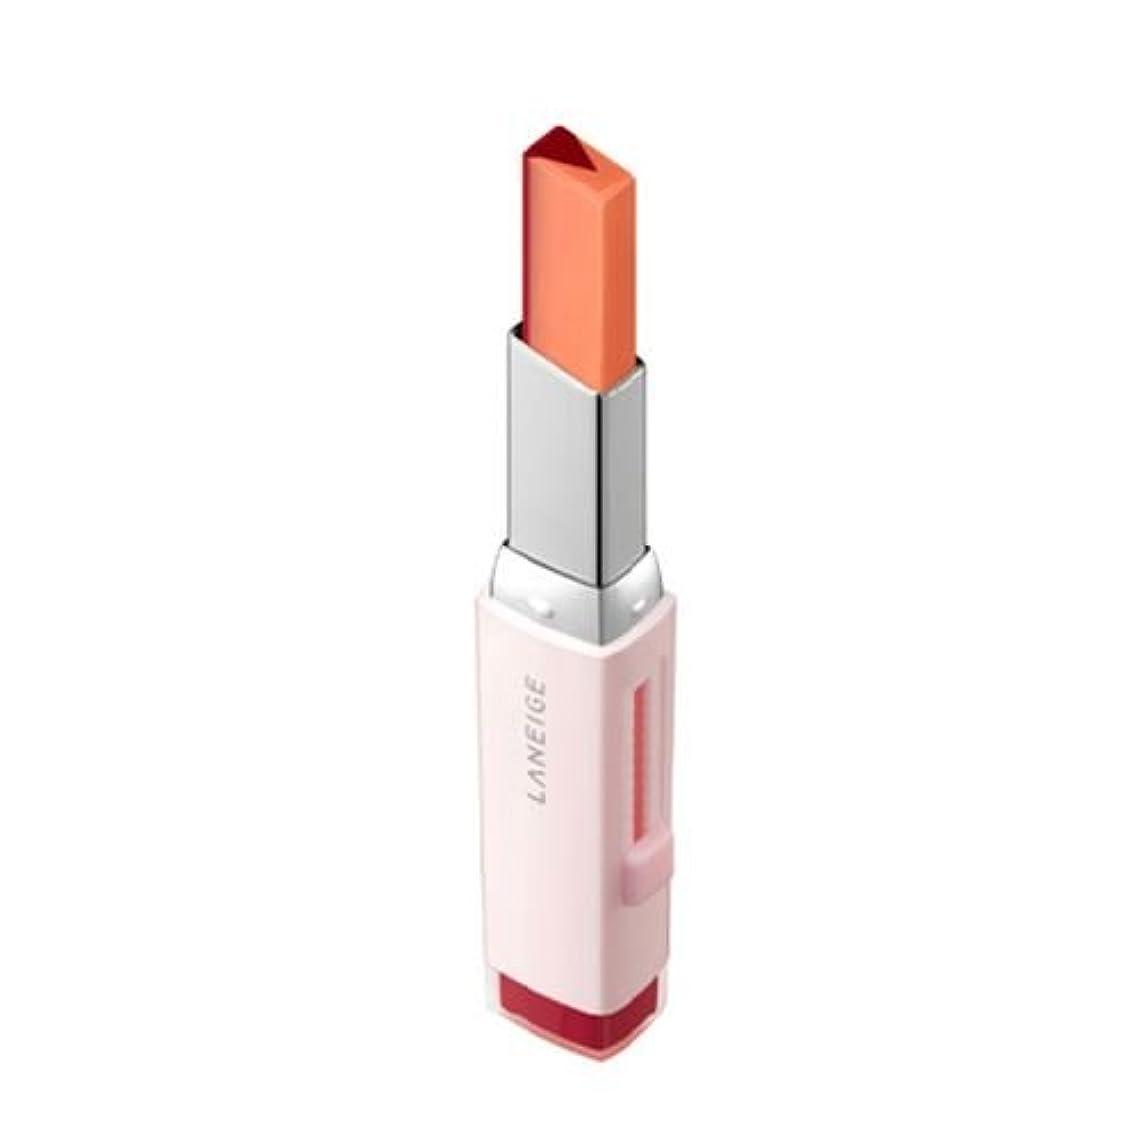 請求可能専らコットン[New] LANEIGE Two Tone Tint Lip Bar 2g/ラネージュ ツー トーン ティント リップ バー 2g (#05 Apple Jello) [並行輸入品]